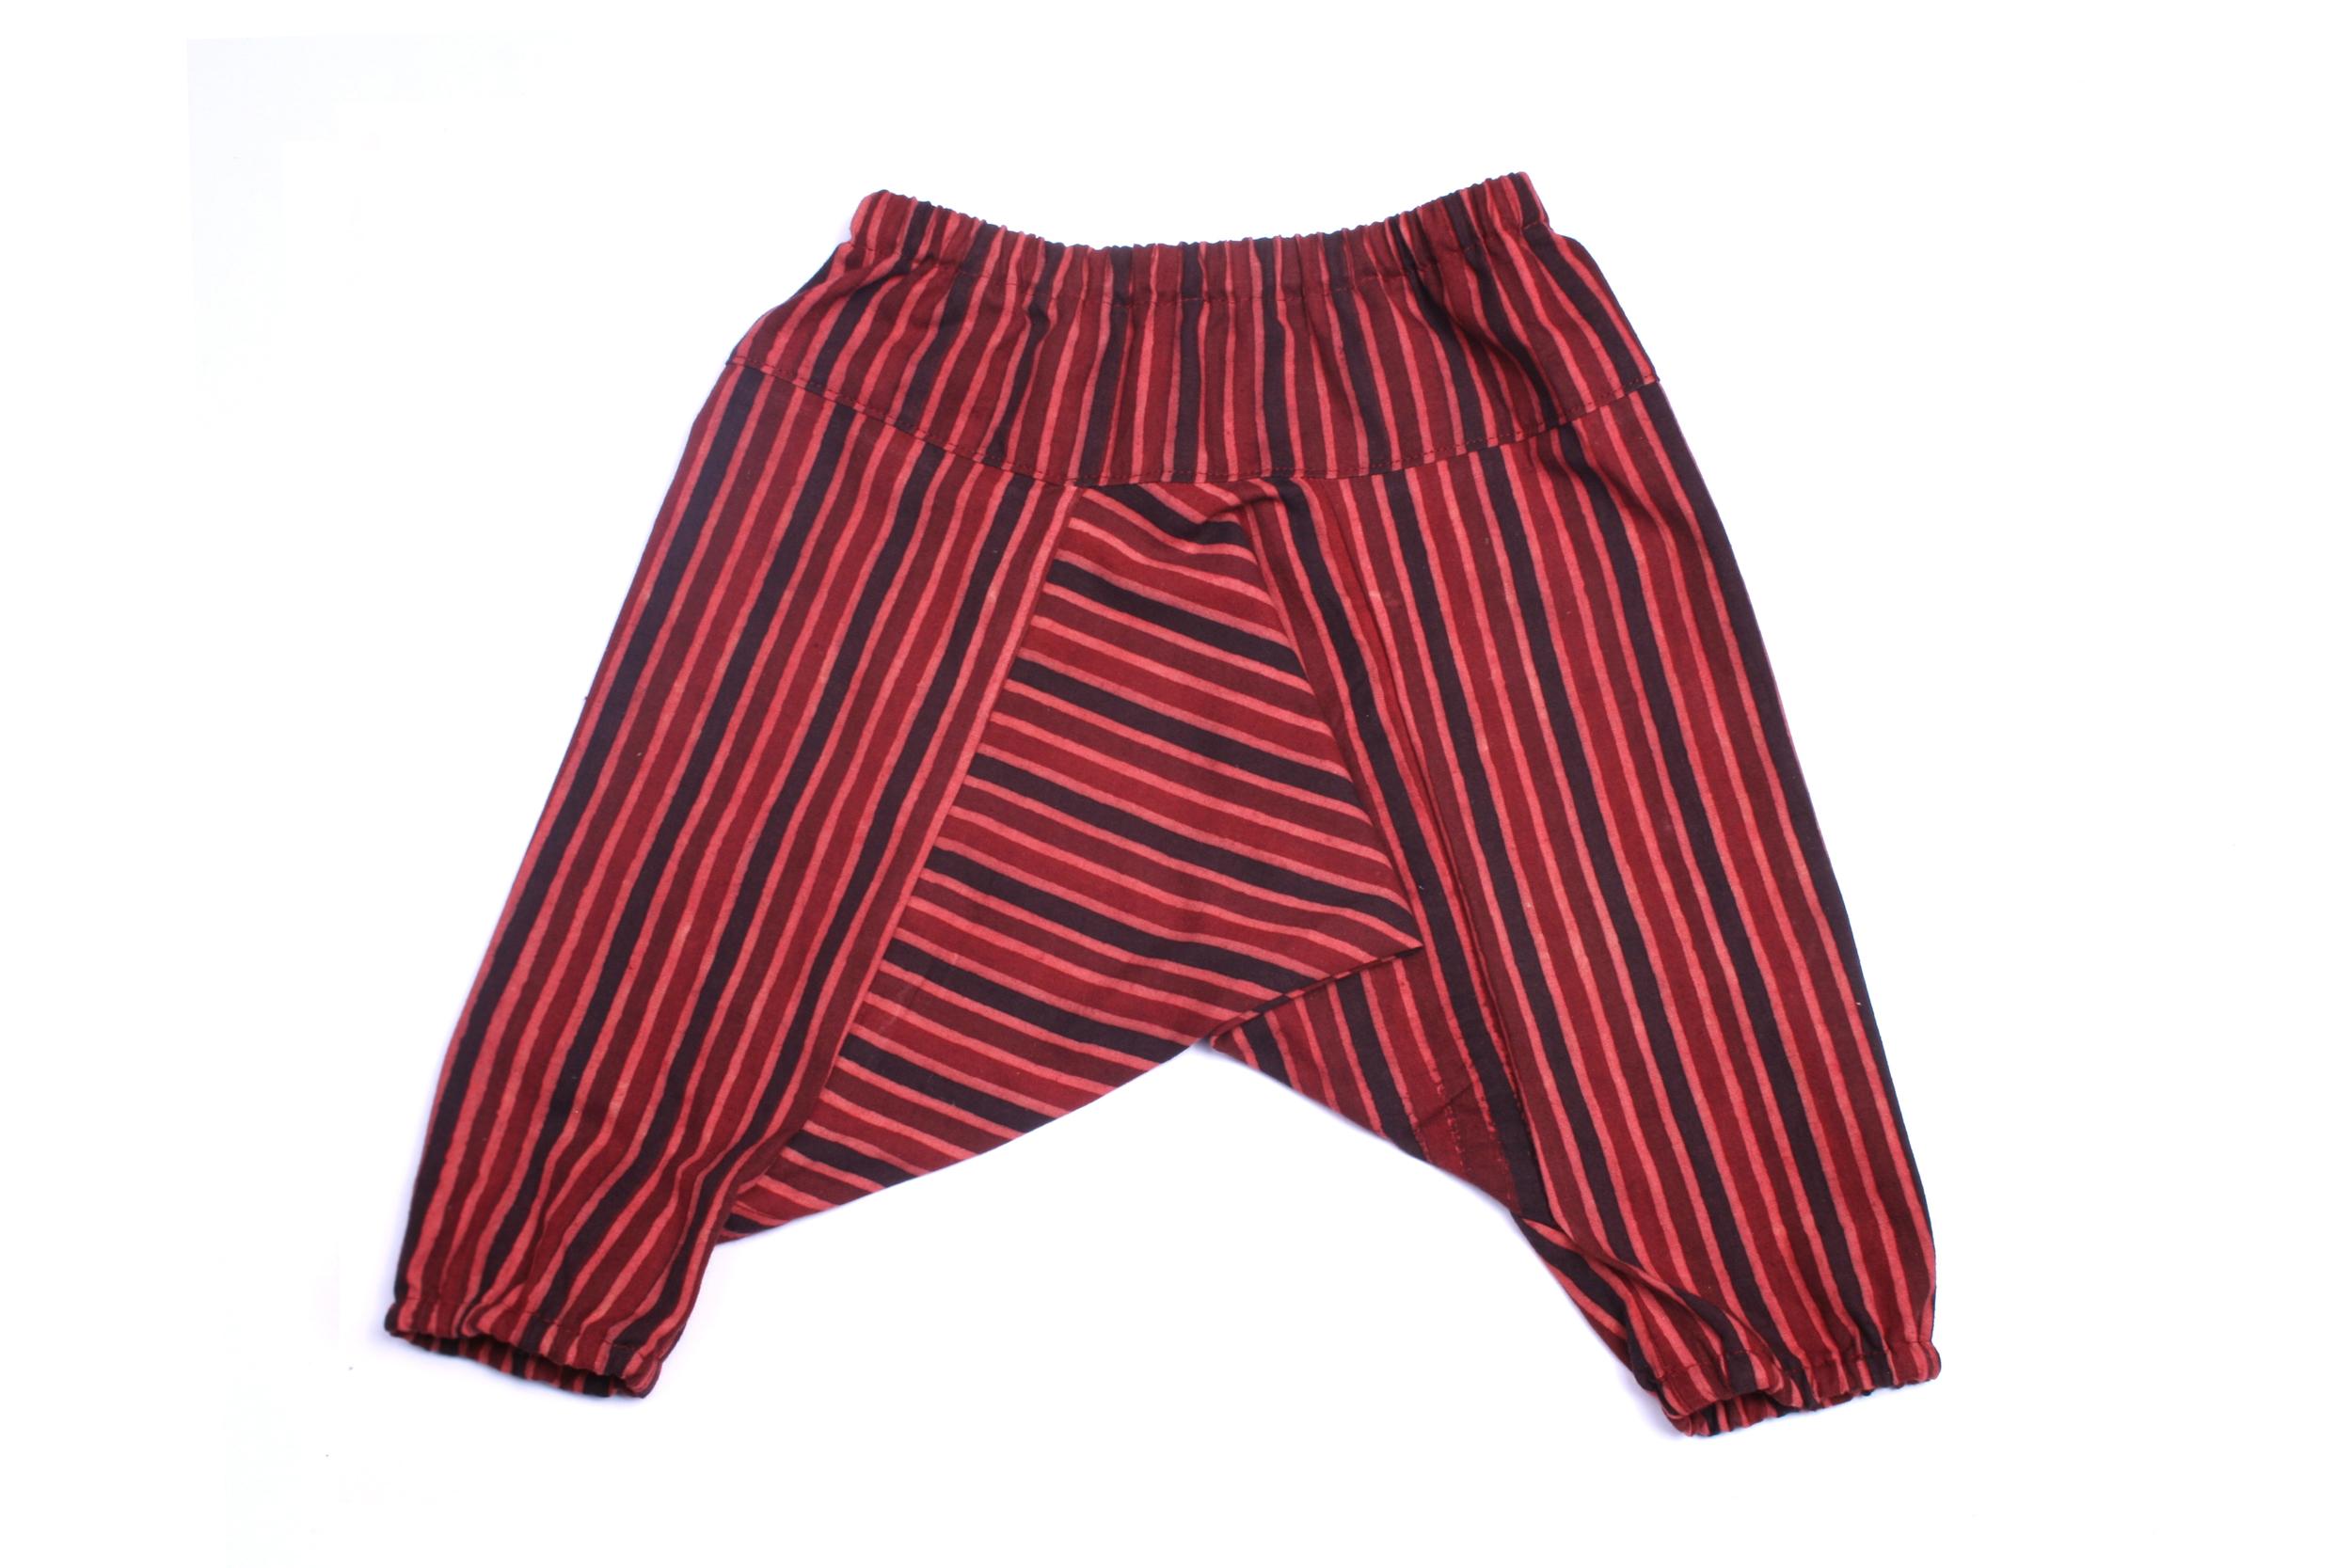 Pyjama stripe harem by Om Baby £20